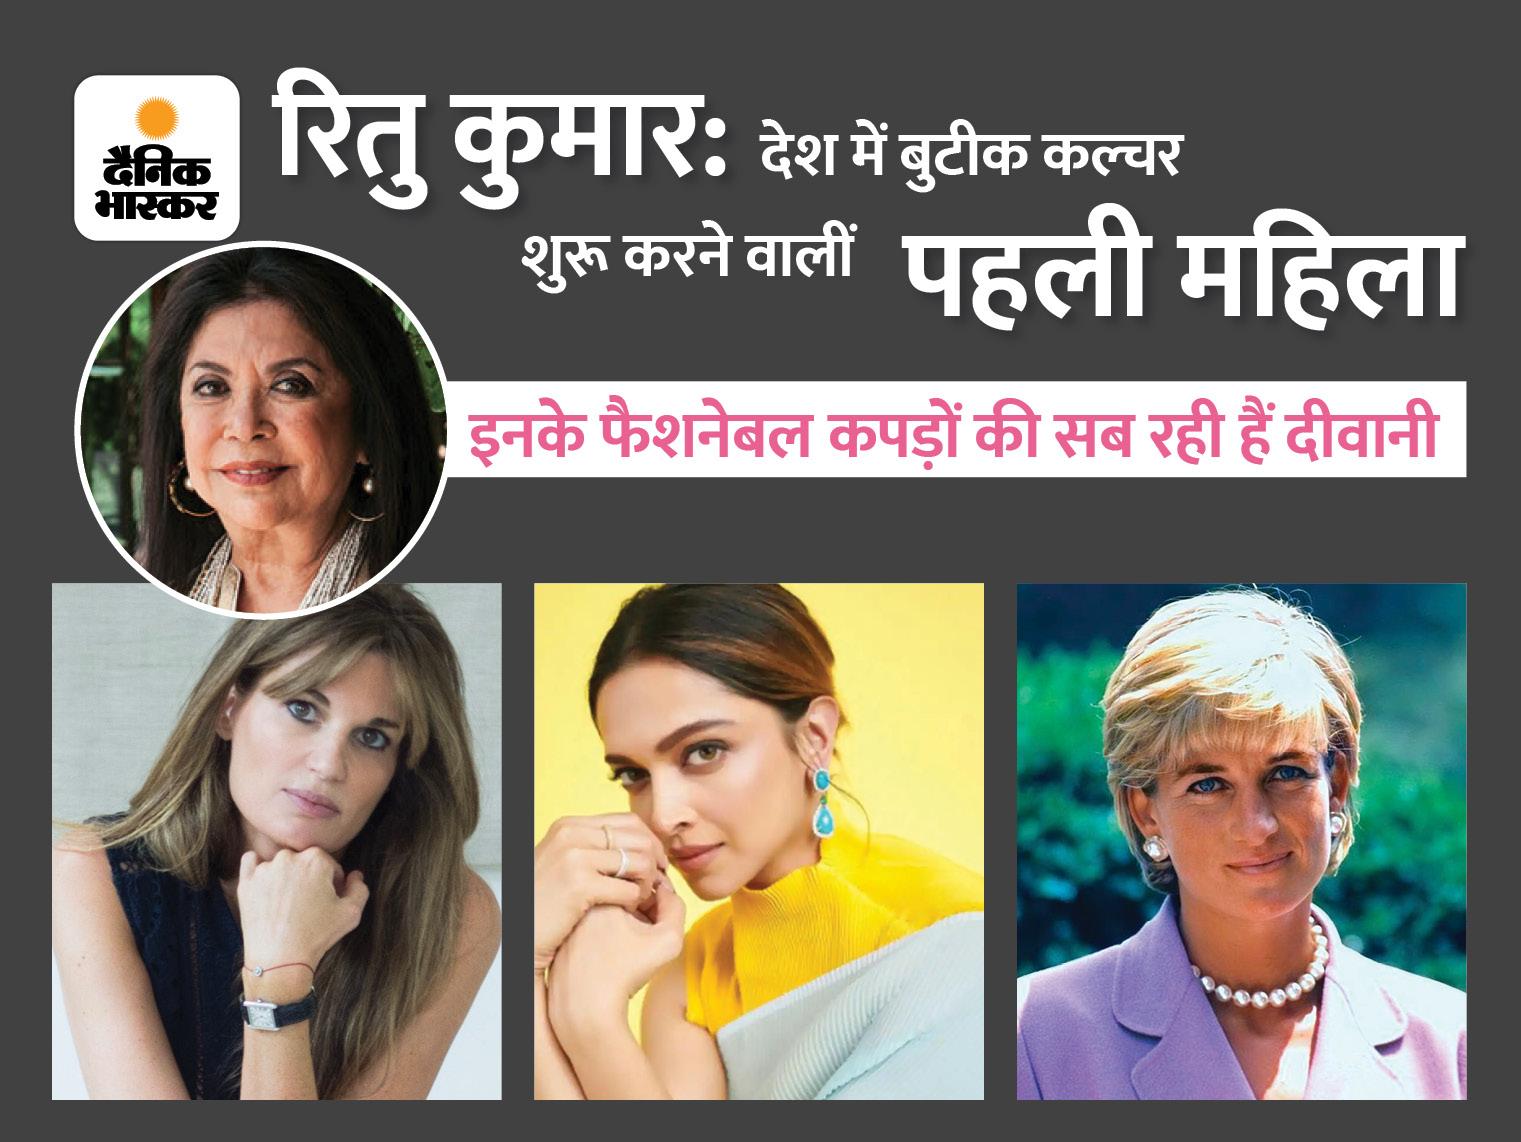 प्रिंसेज डायना, दीपिका पादुकोण और जेमिमा भी रितु कुमार के डिजाइनर कपड़ों की रही हैं फैन, दो टेबल से शुरू किया था बिजनेस, आज 1000 करोड़ टर्नओवर वुमन,Women - Dainik Bhaskar